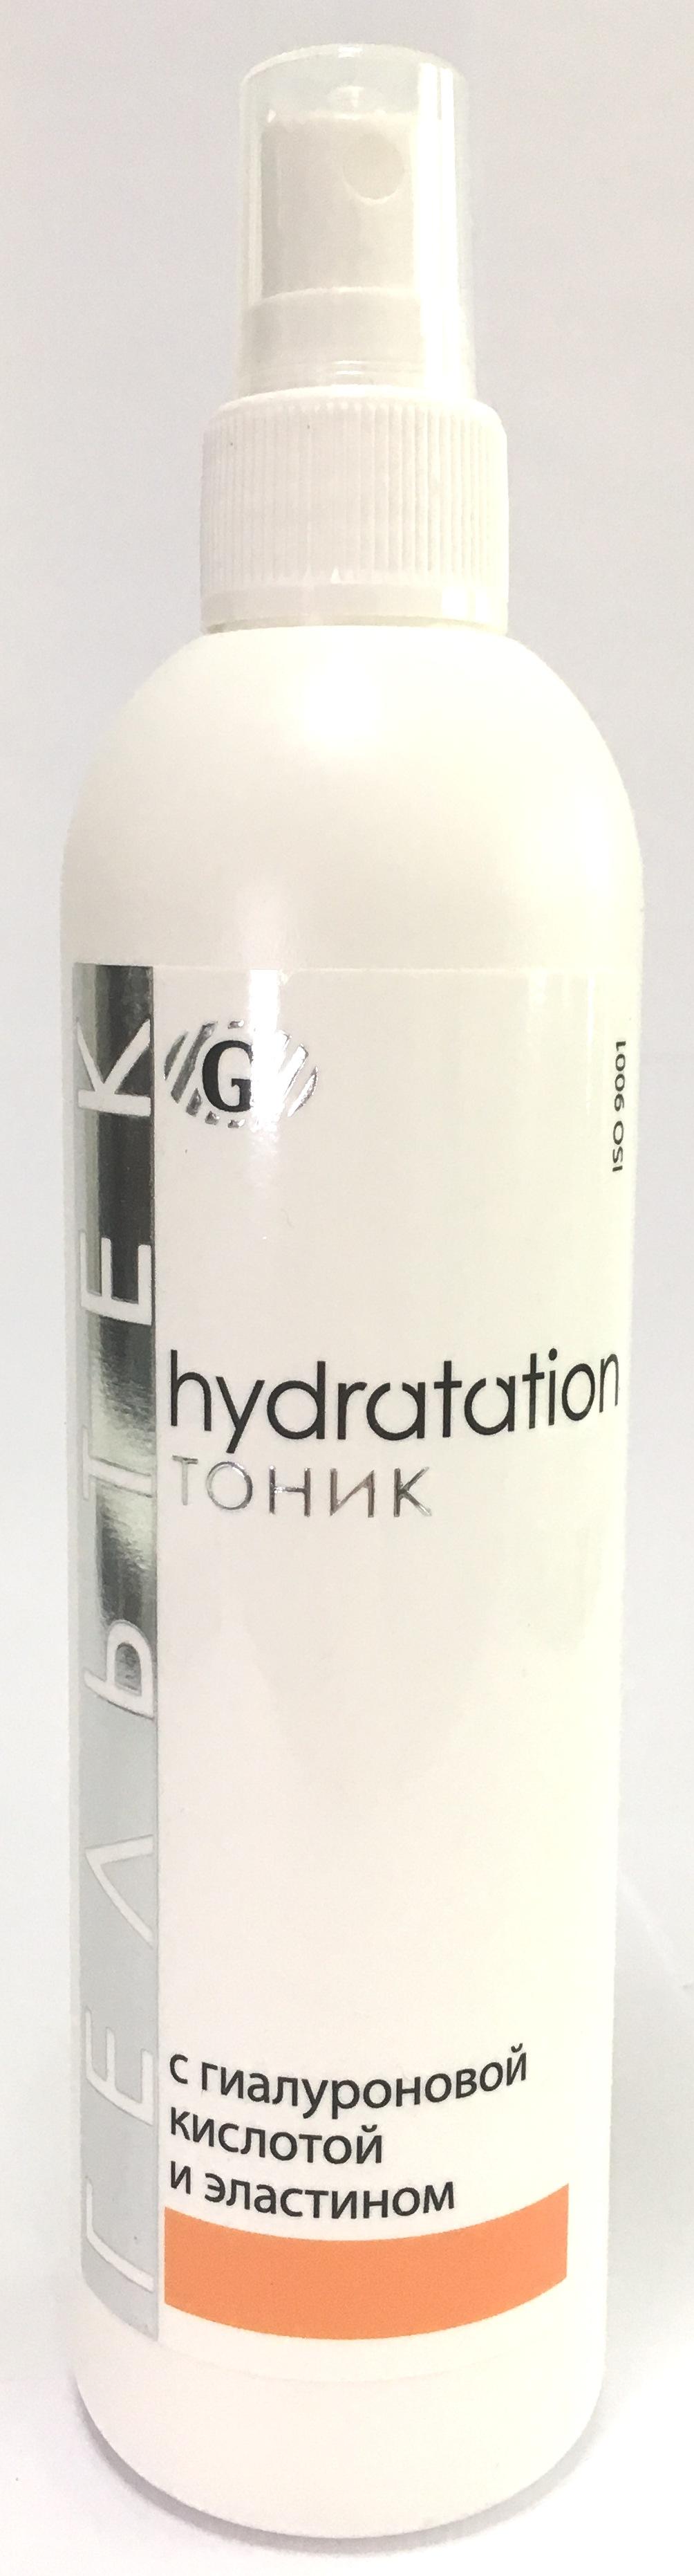 ГЕЛЬТЕК Тоник с гиалуроновой кислотой и эластином / Hydratation 300 г